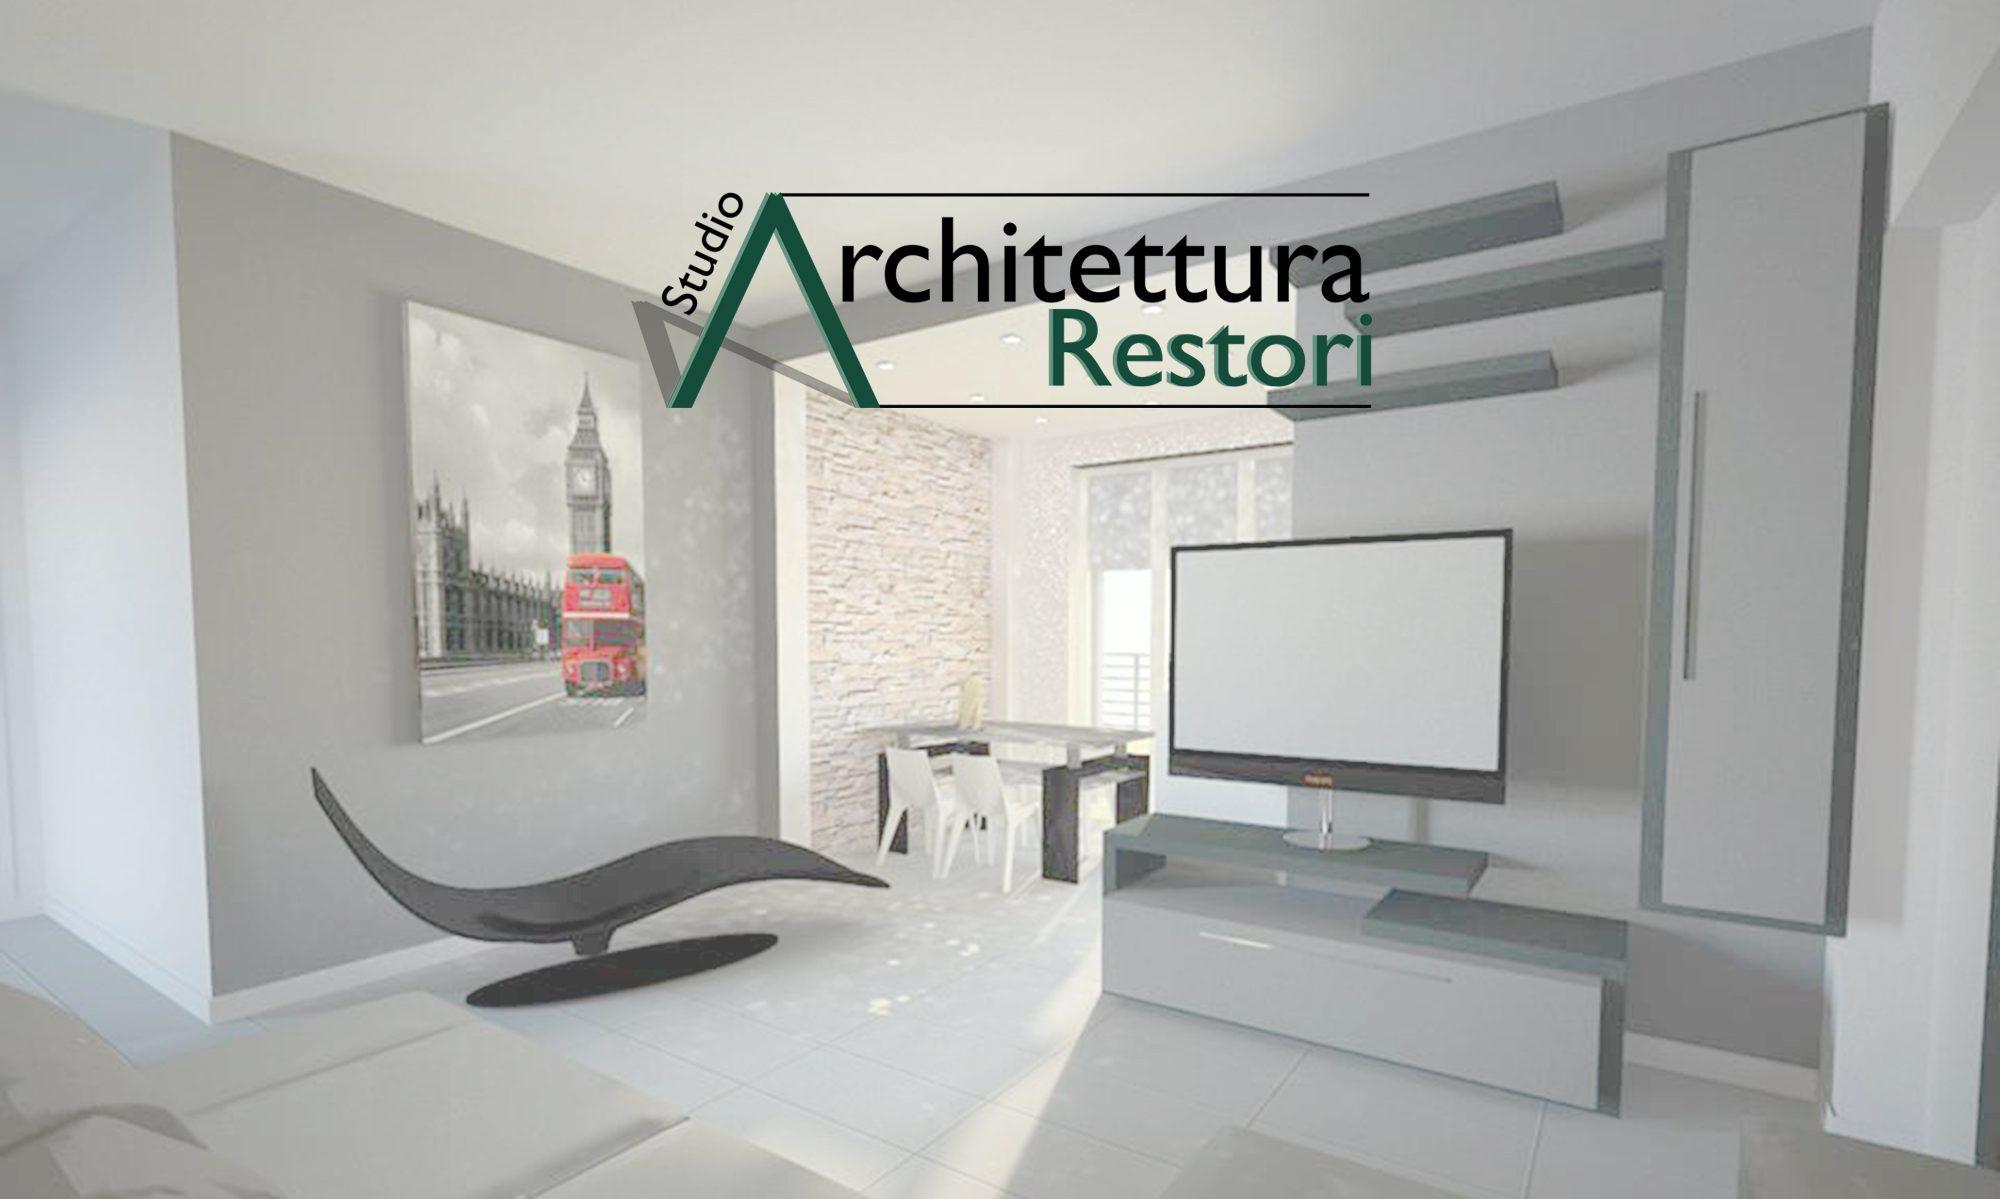 Studio Architettura Restori